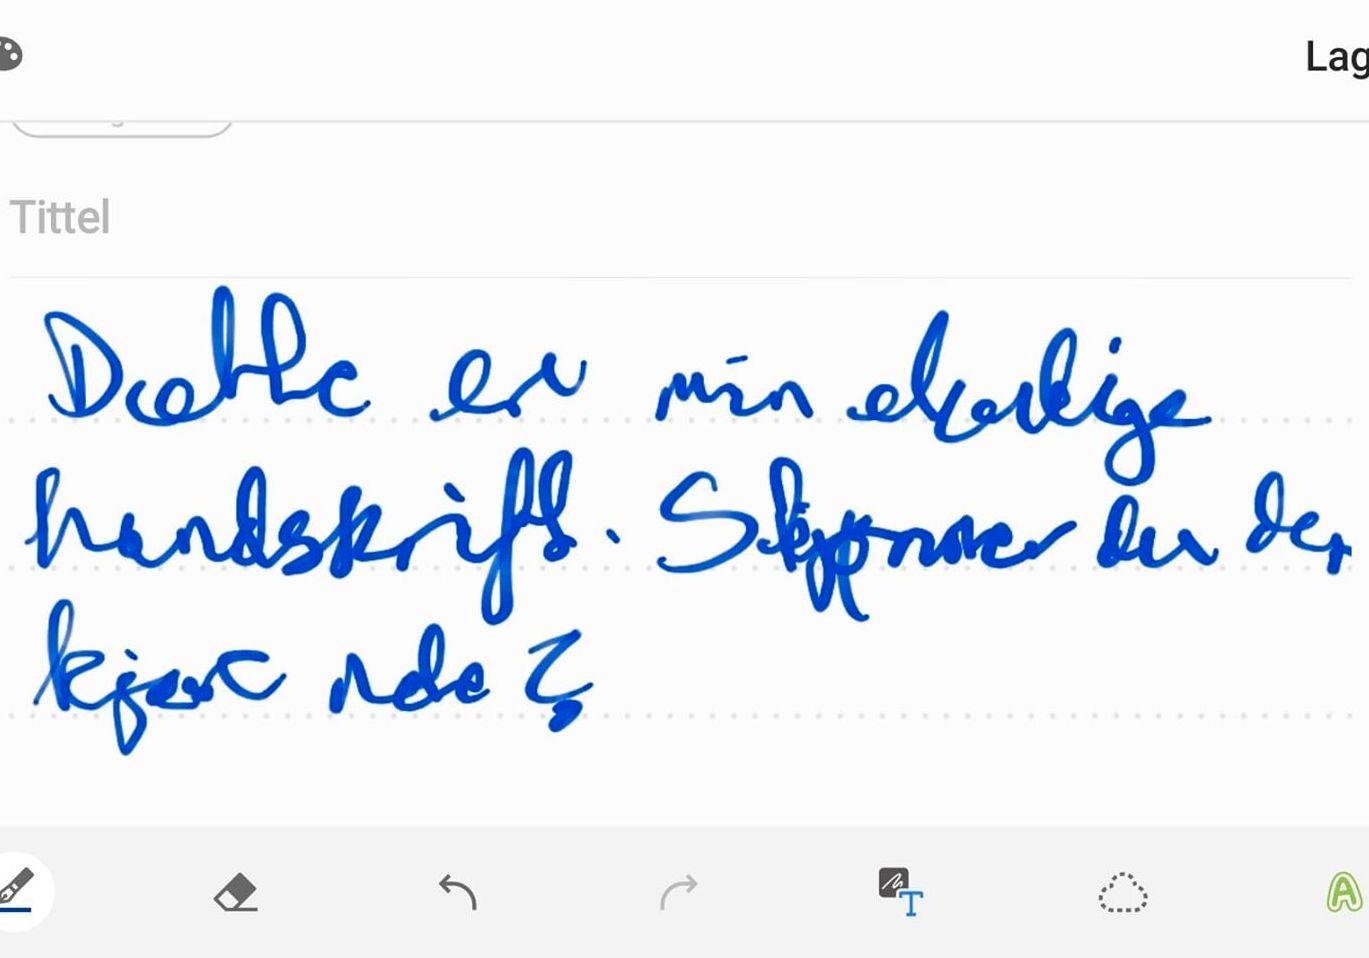 Det var disse kråketærne Note 10 oversatte til tekst i bildet over. Klarer du å lese det som står her?